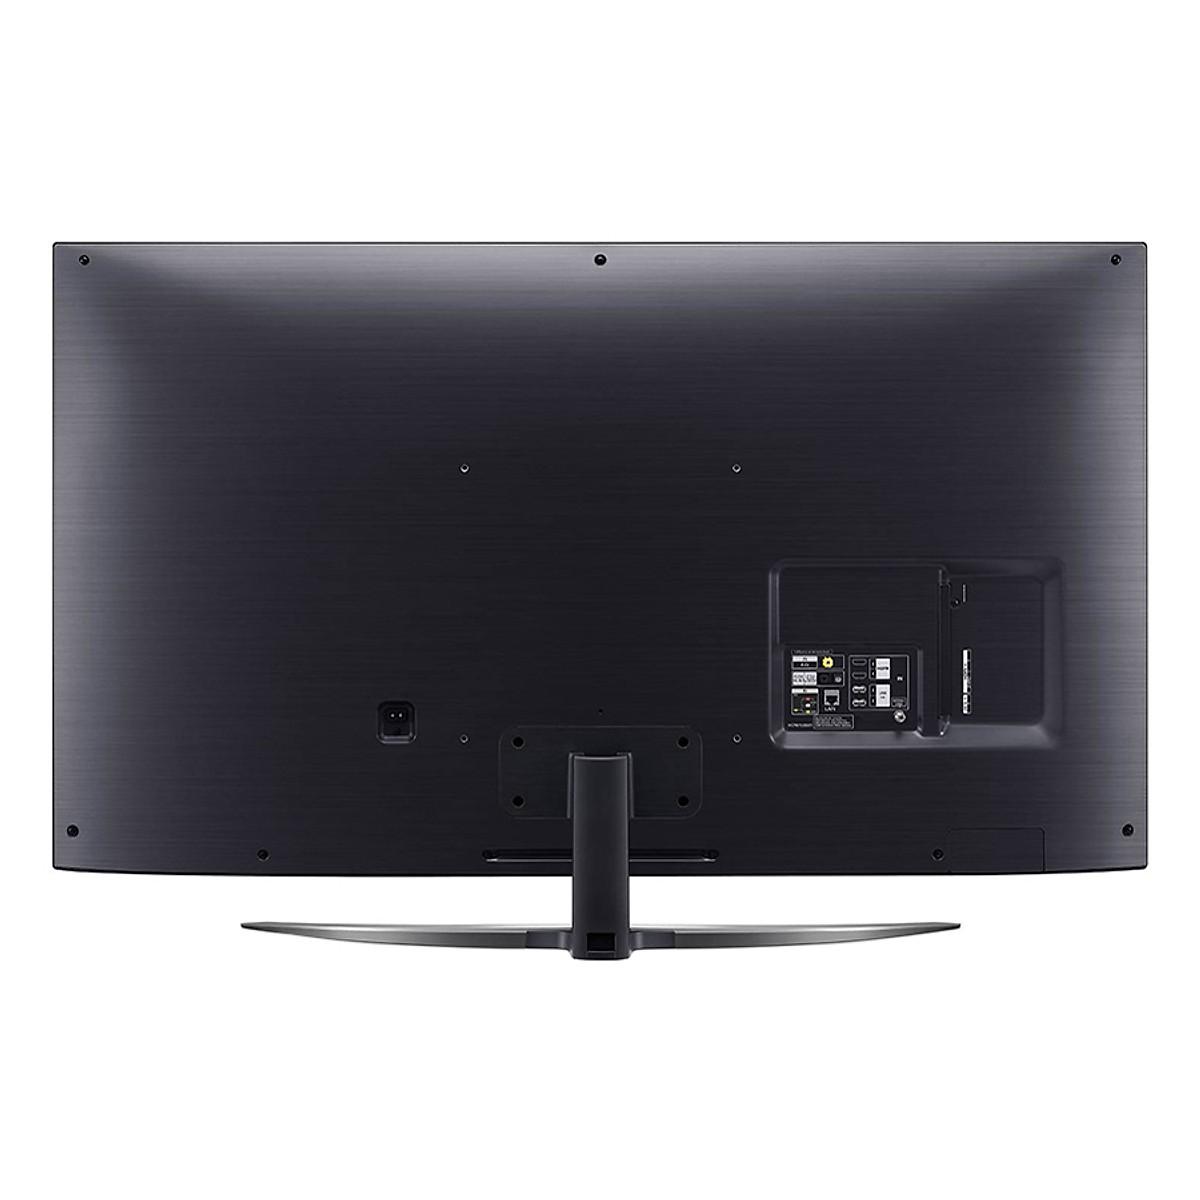 Smart Tivi LG 55 inch 4K UHD 55SM8600PTA - Hàng Chính Hãng + Tặng Khung Treo Cố Định